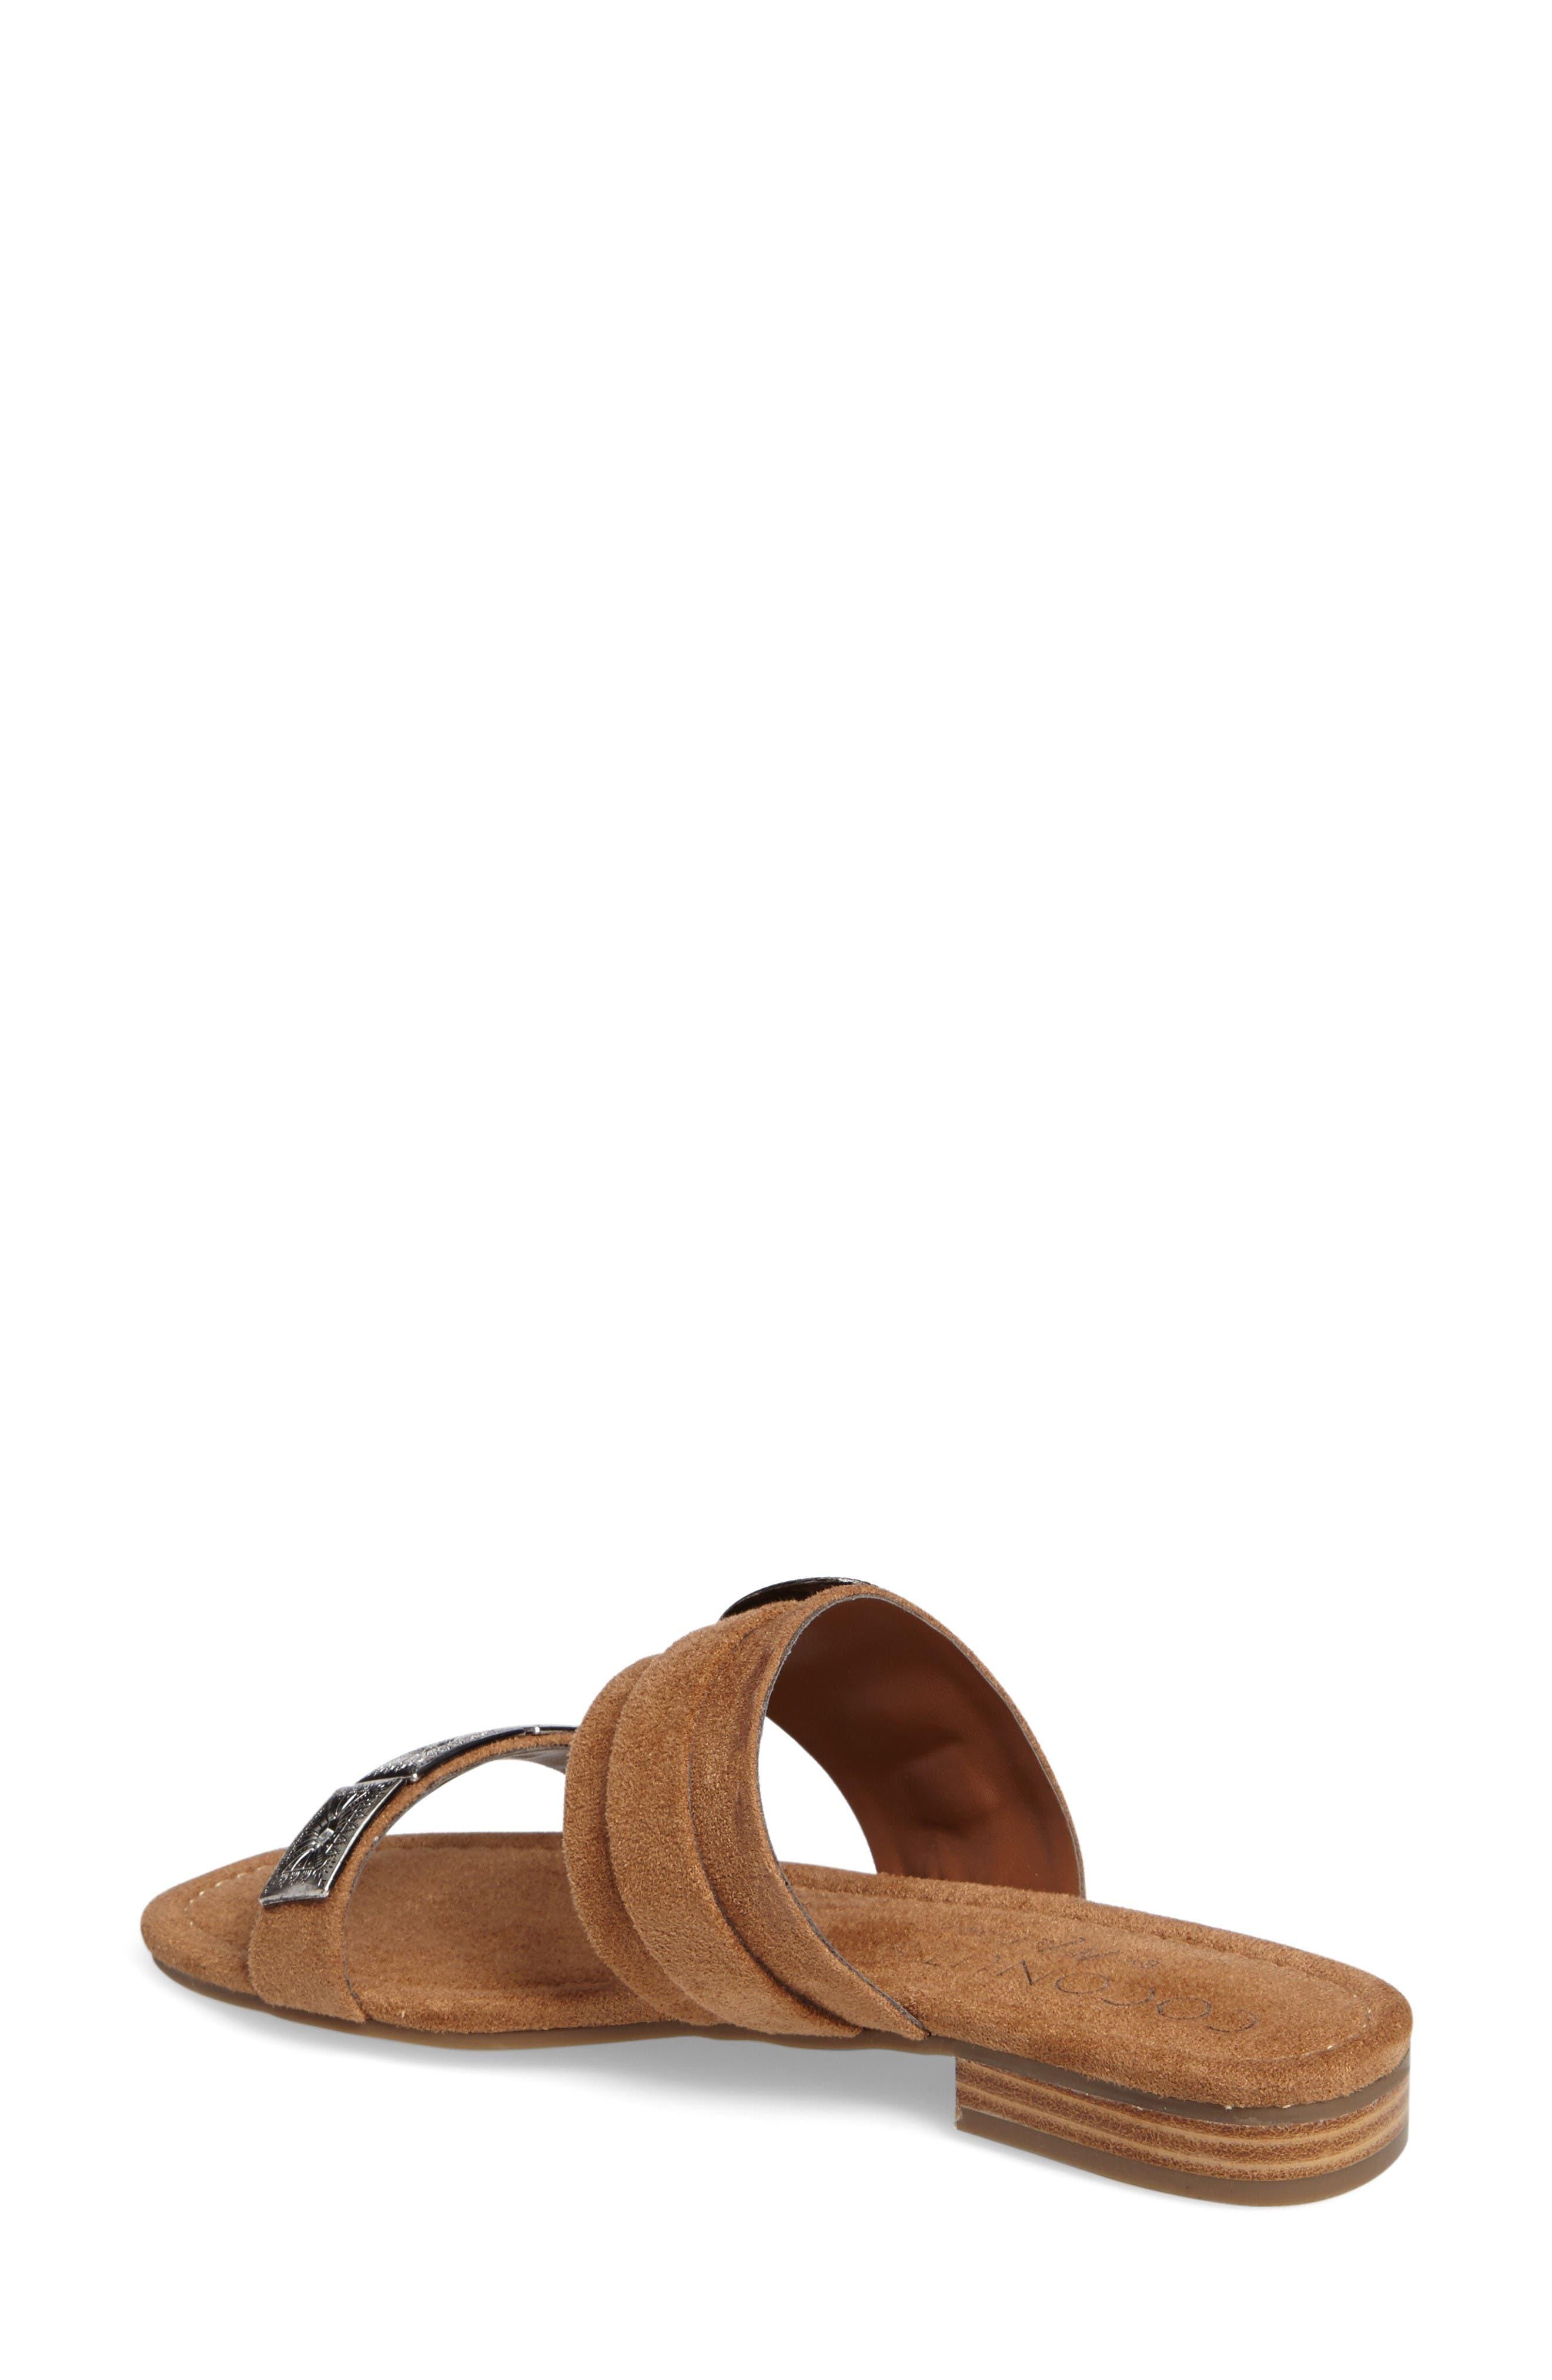 Brantley Buckle Slide Sandal,                             Alternate thumbnail 2, color,                             Saddle Suede